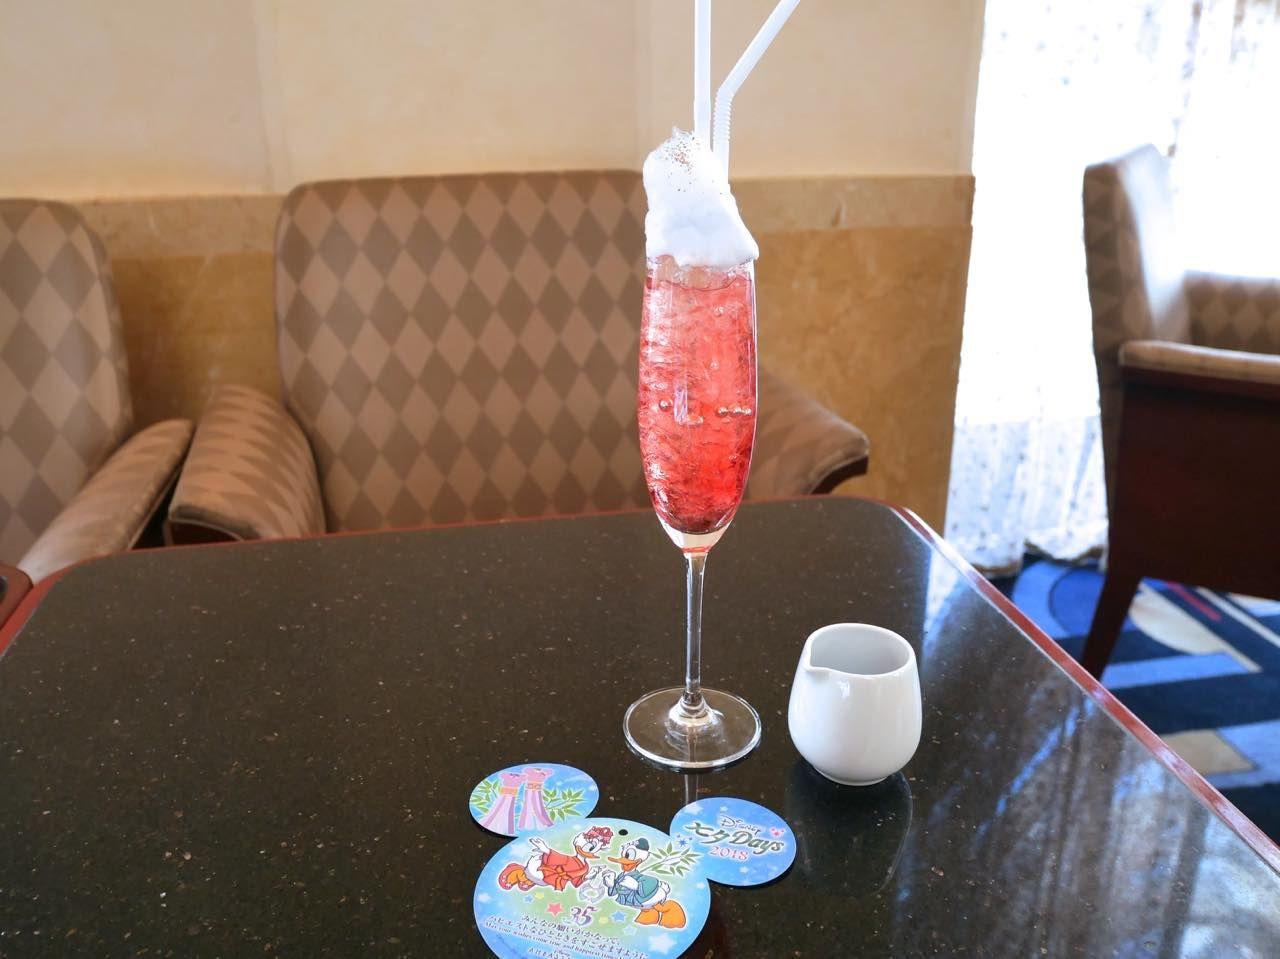 ディズニーホテルの「ディズニー七夕デイズ」スペシャルメニュー注文するとウィッシングカードがもらえる